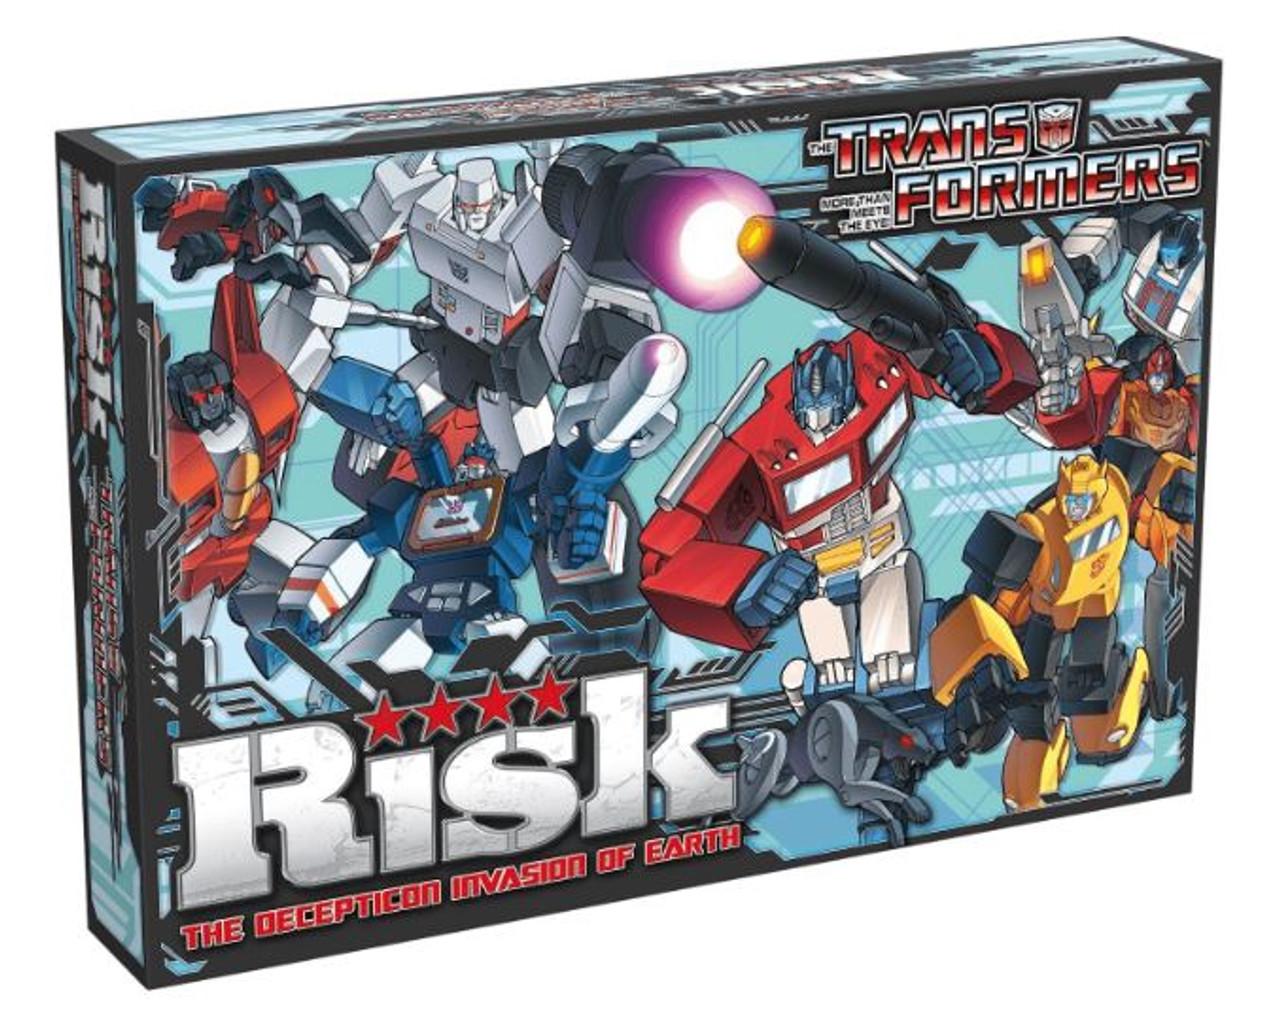 RISK - Transformers - The Decepticon Invasion of Earth